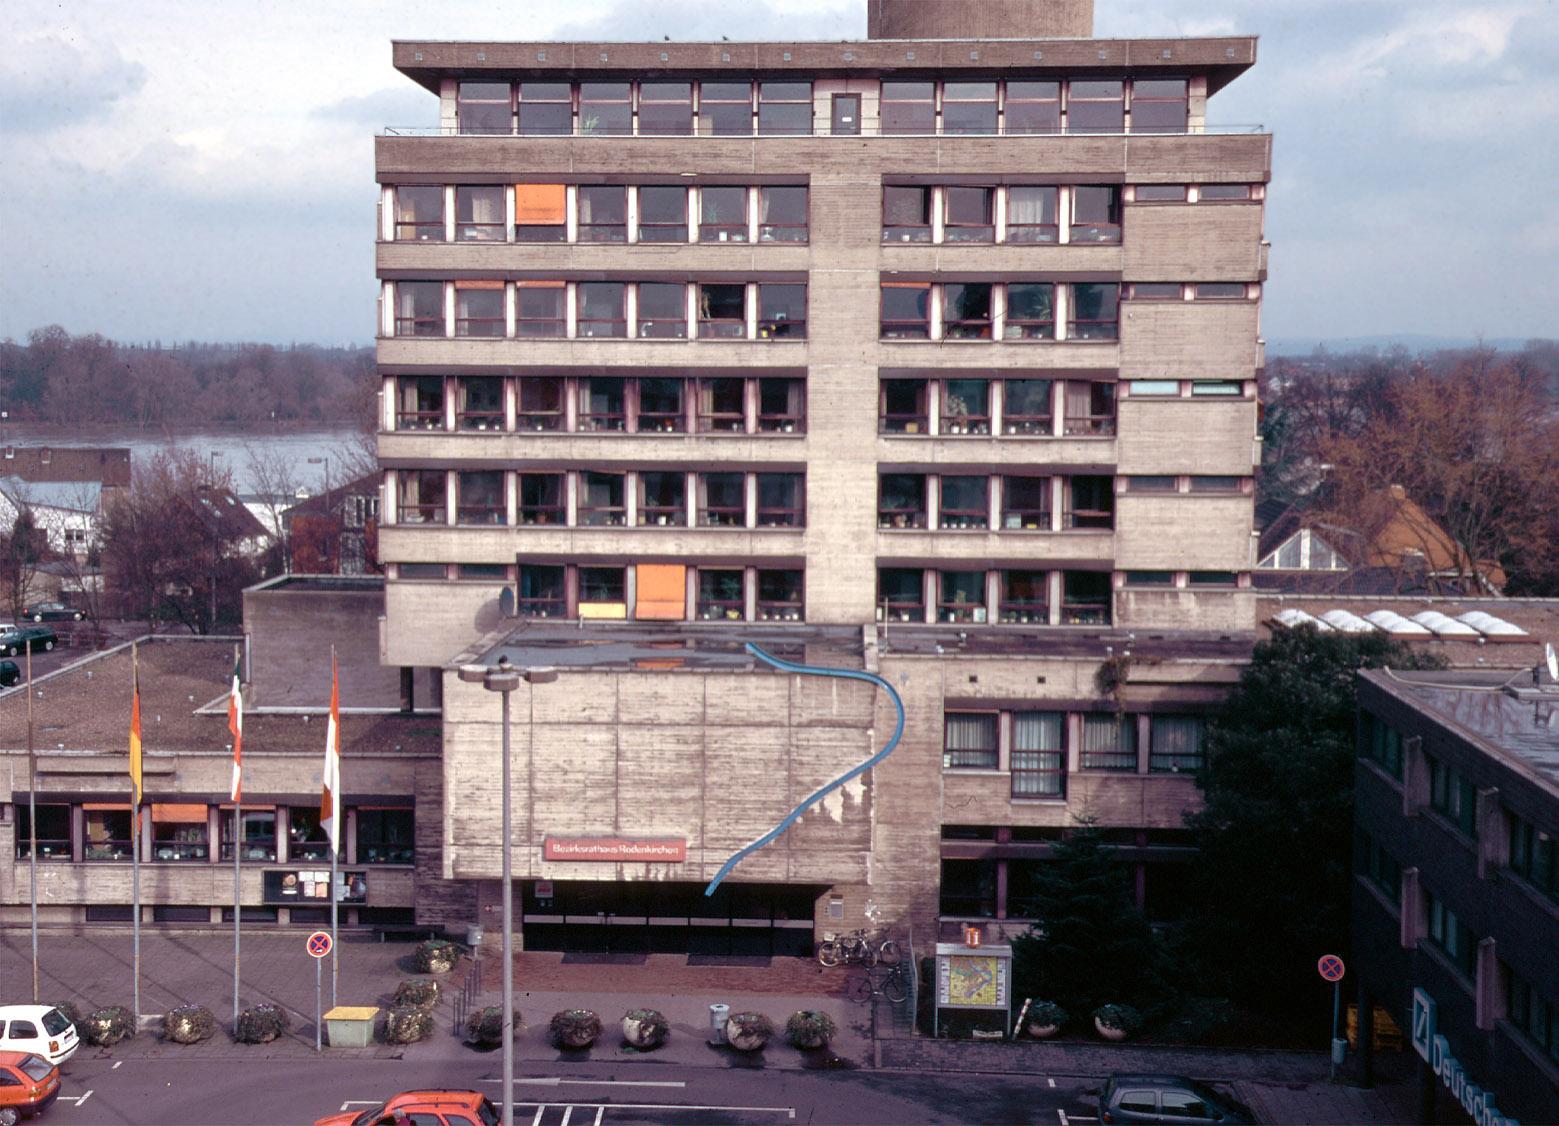 Rodenkirchen Rathaus